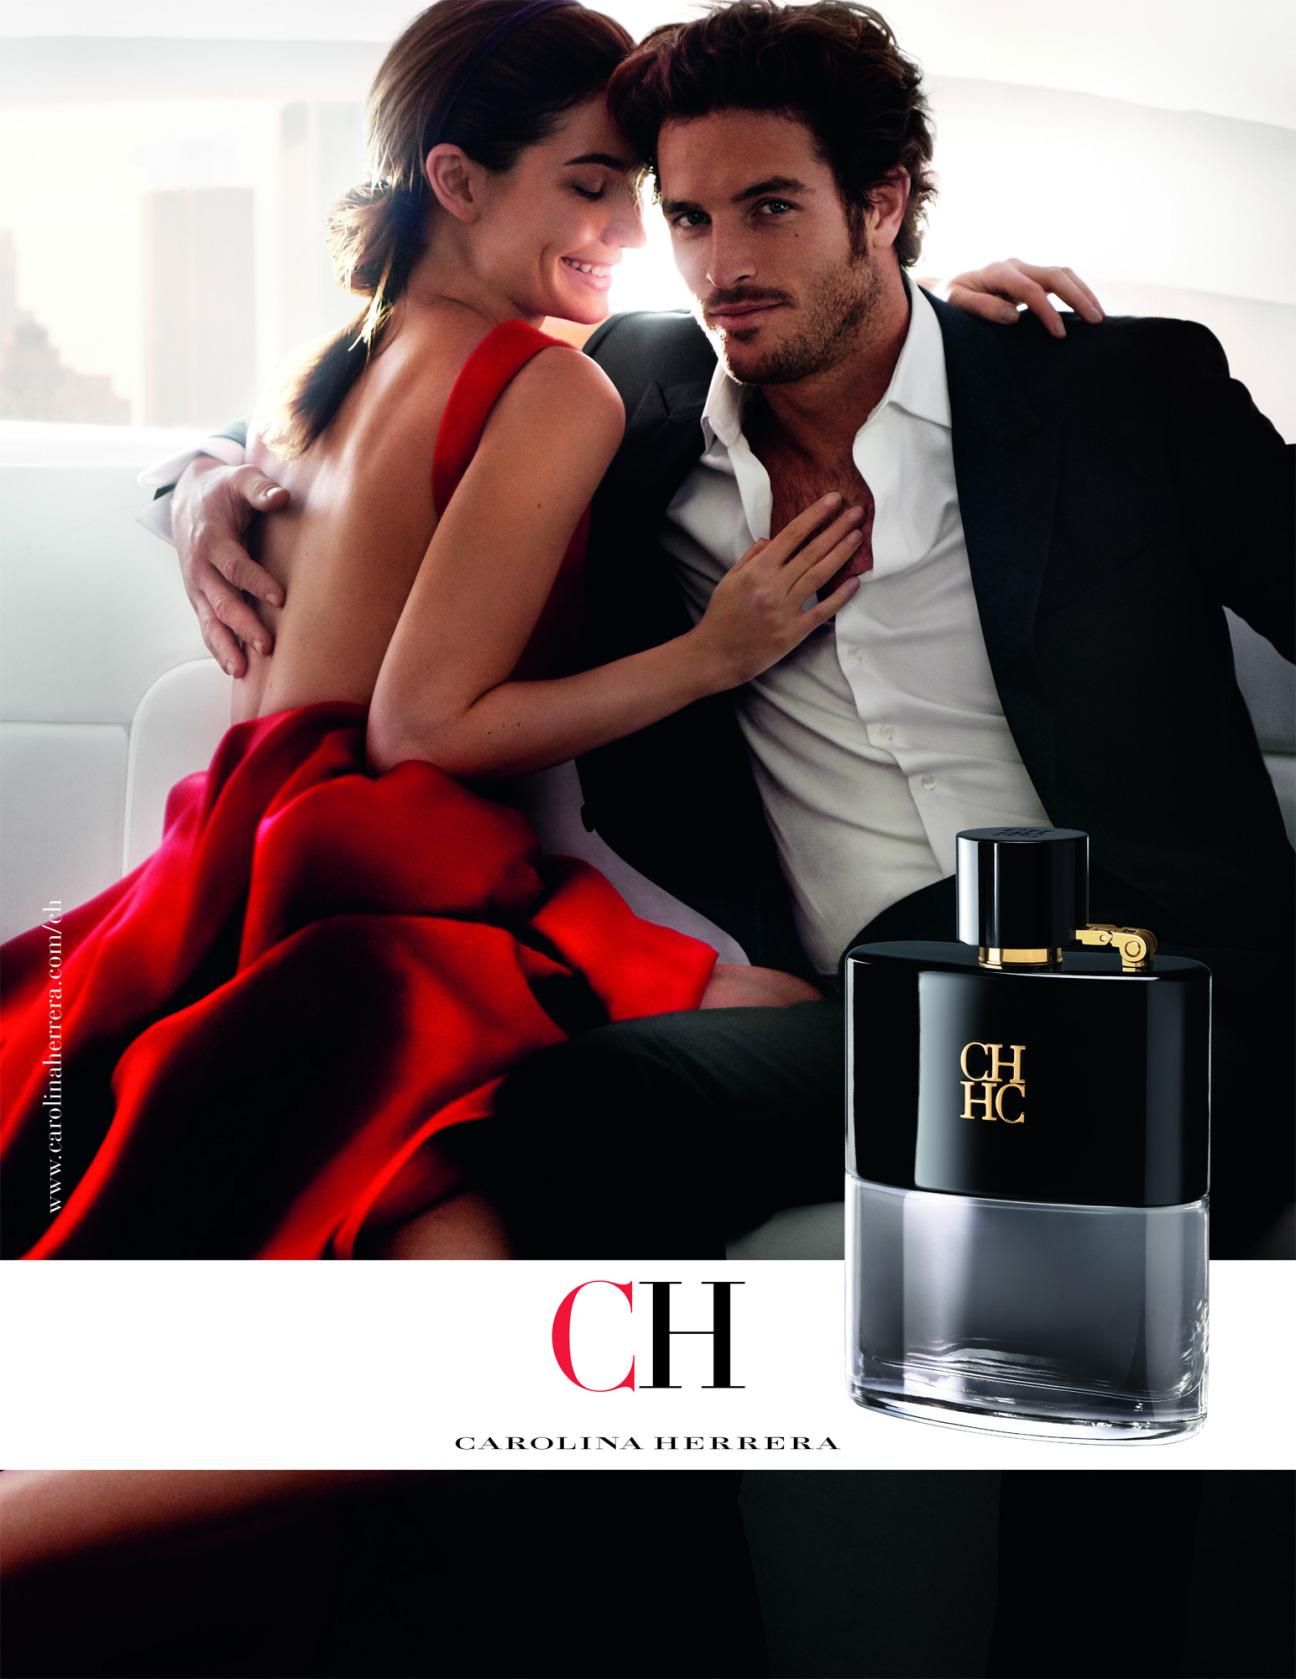 justice-joslin-carolina-herrera-ch-men-prive-fragrance-campaign-01.jpg